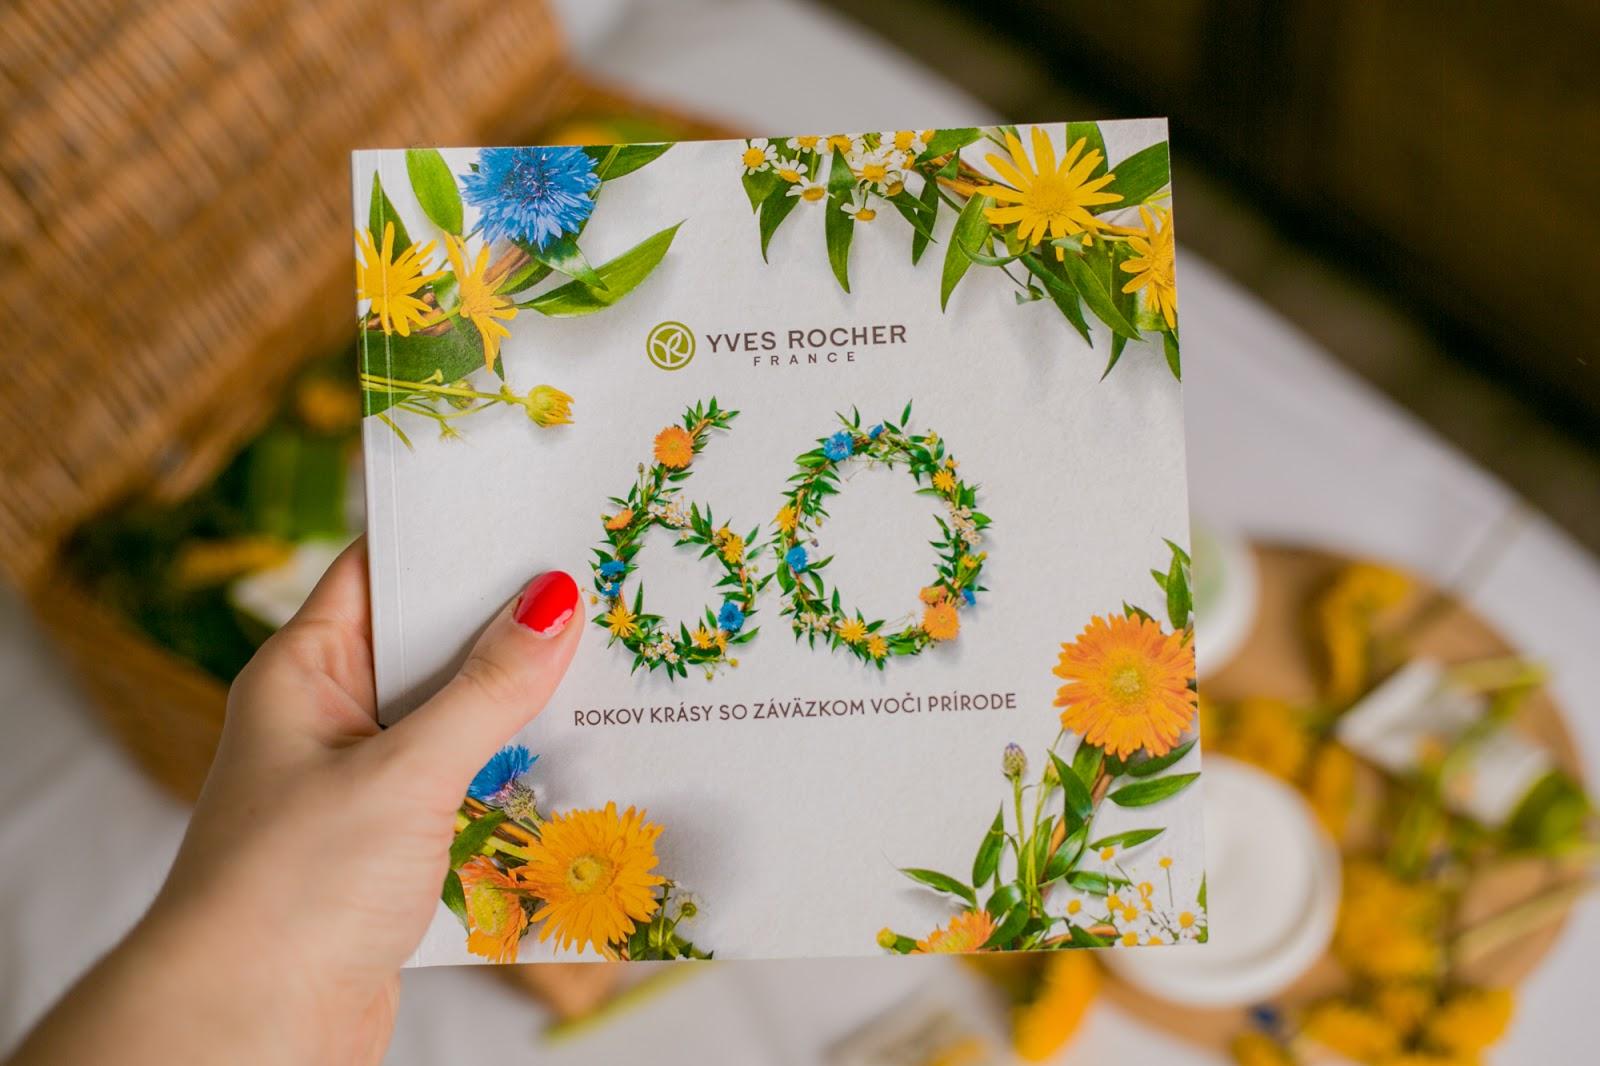 8fd6746db Napríklad do svojich produktov nepridávajú zbytočné papieriky, používajú  ekotuby, väčšina zložiek sú prírodného pôvodu, sadia stromy, snažia sa  používať čo ...